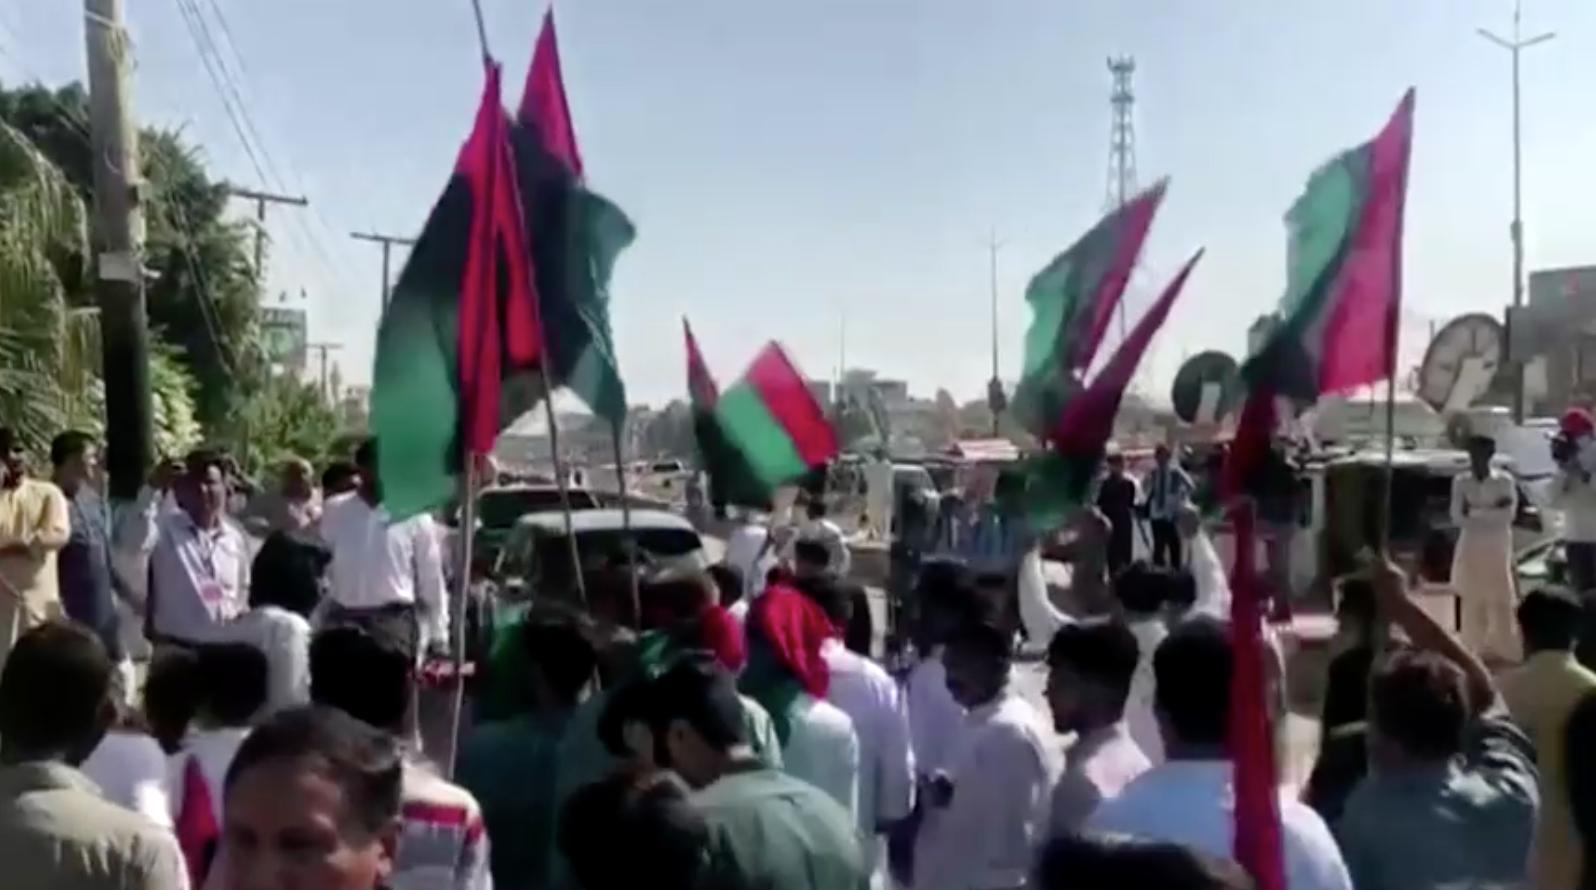 Phe đối lập chính phủ Pakistan bắt đầu các cuộc biểu tình trên toàn quốc kêu gọi lật đổ chính phủ